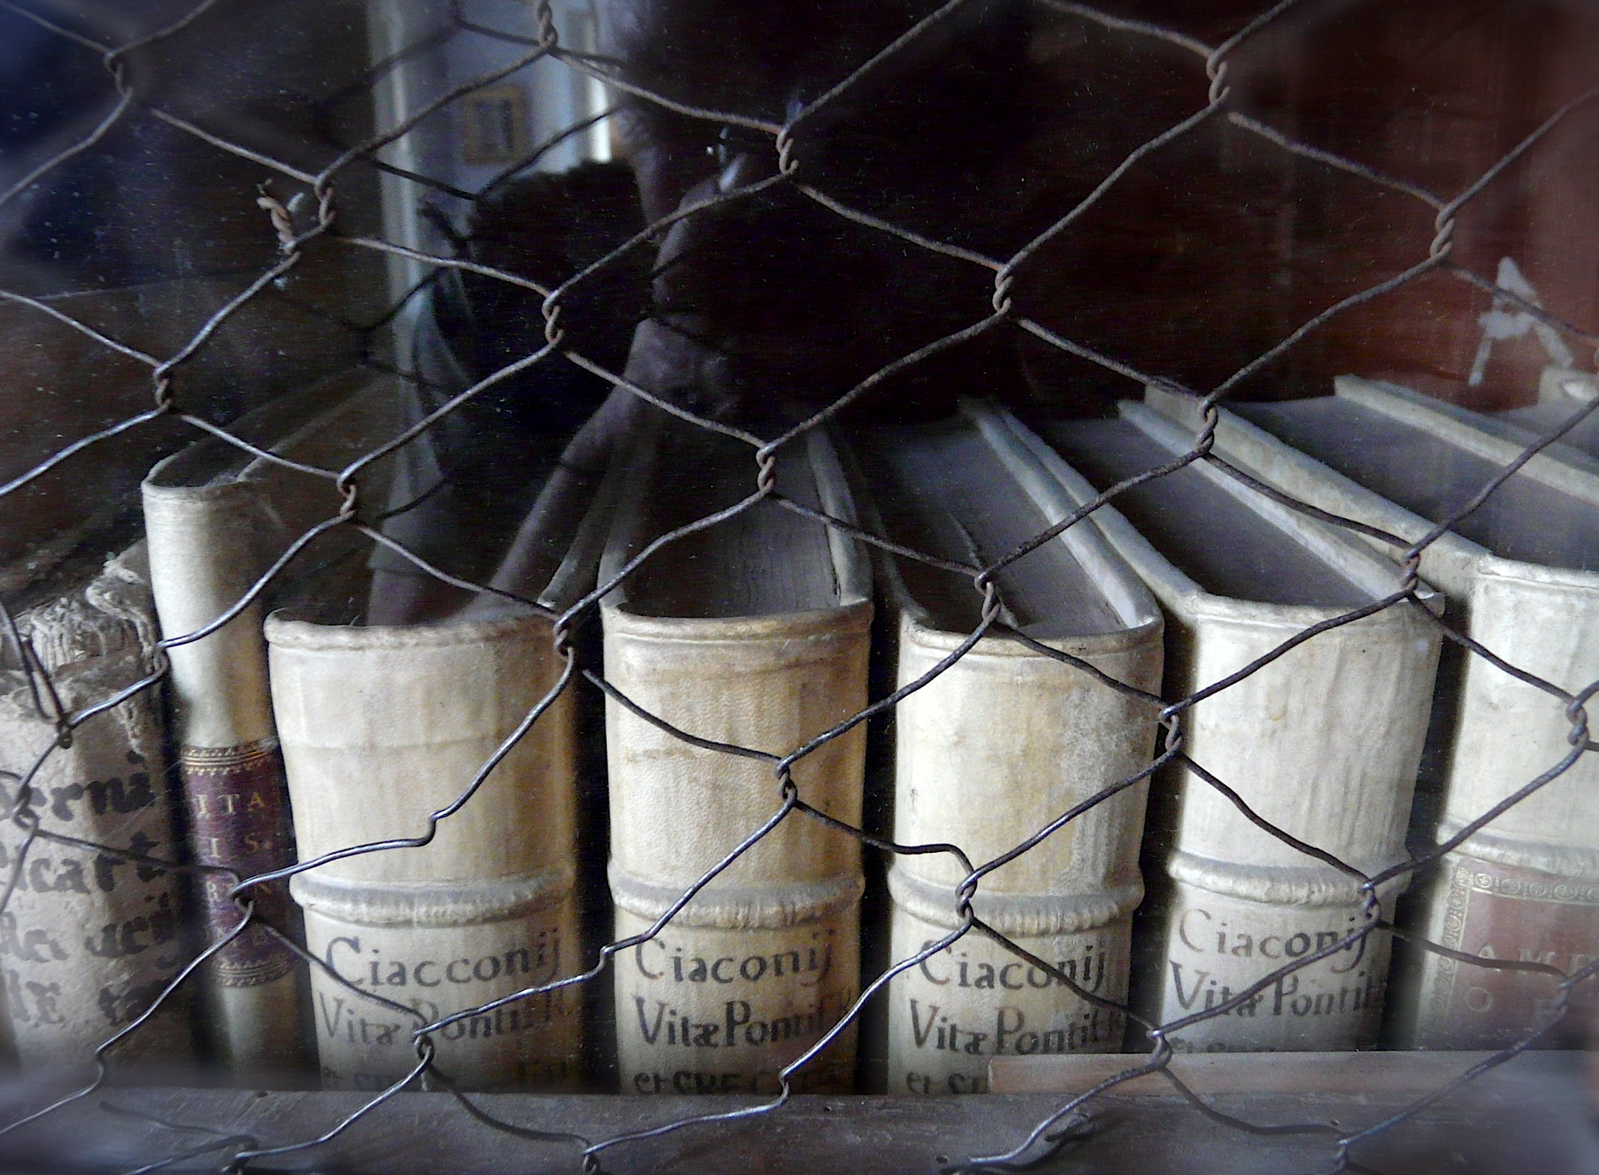 Livres anciens dans un placard grillagé